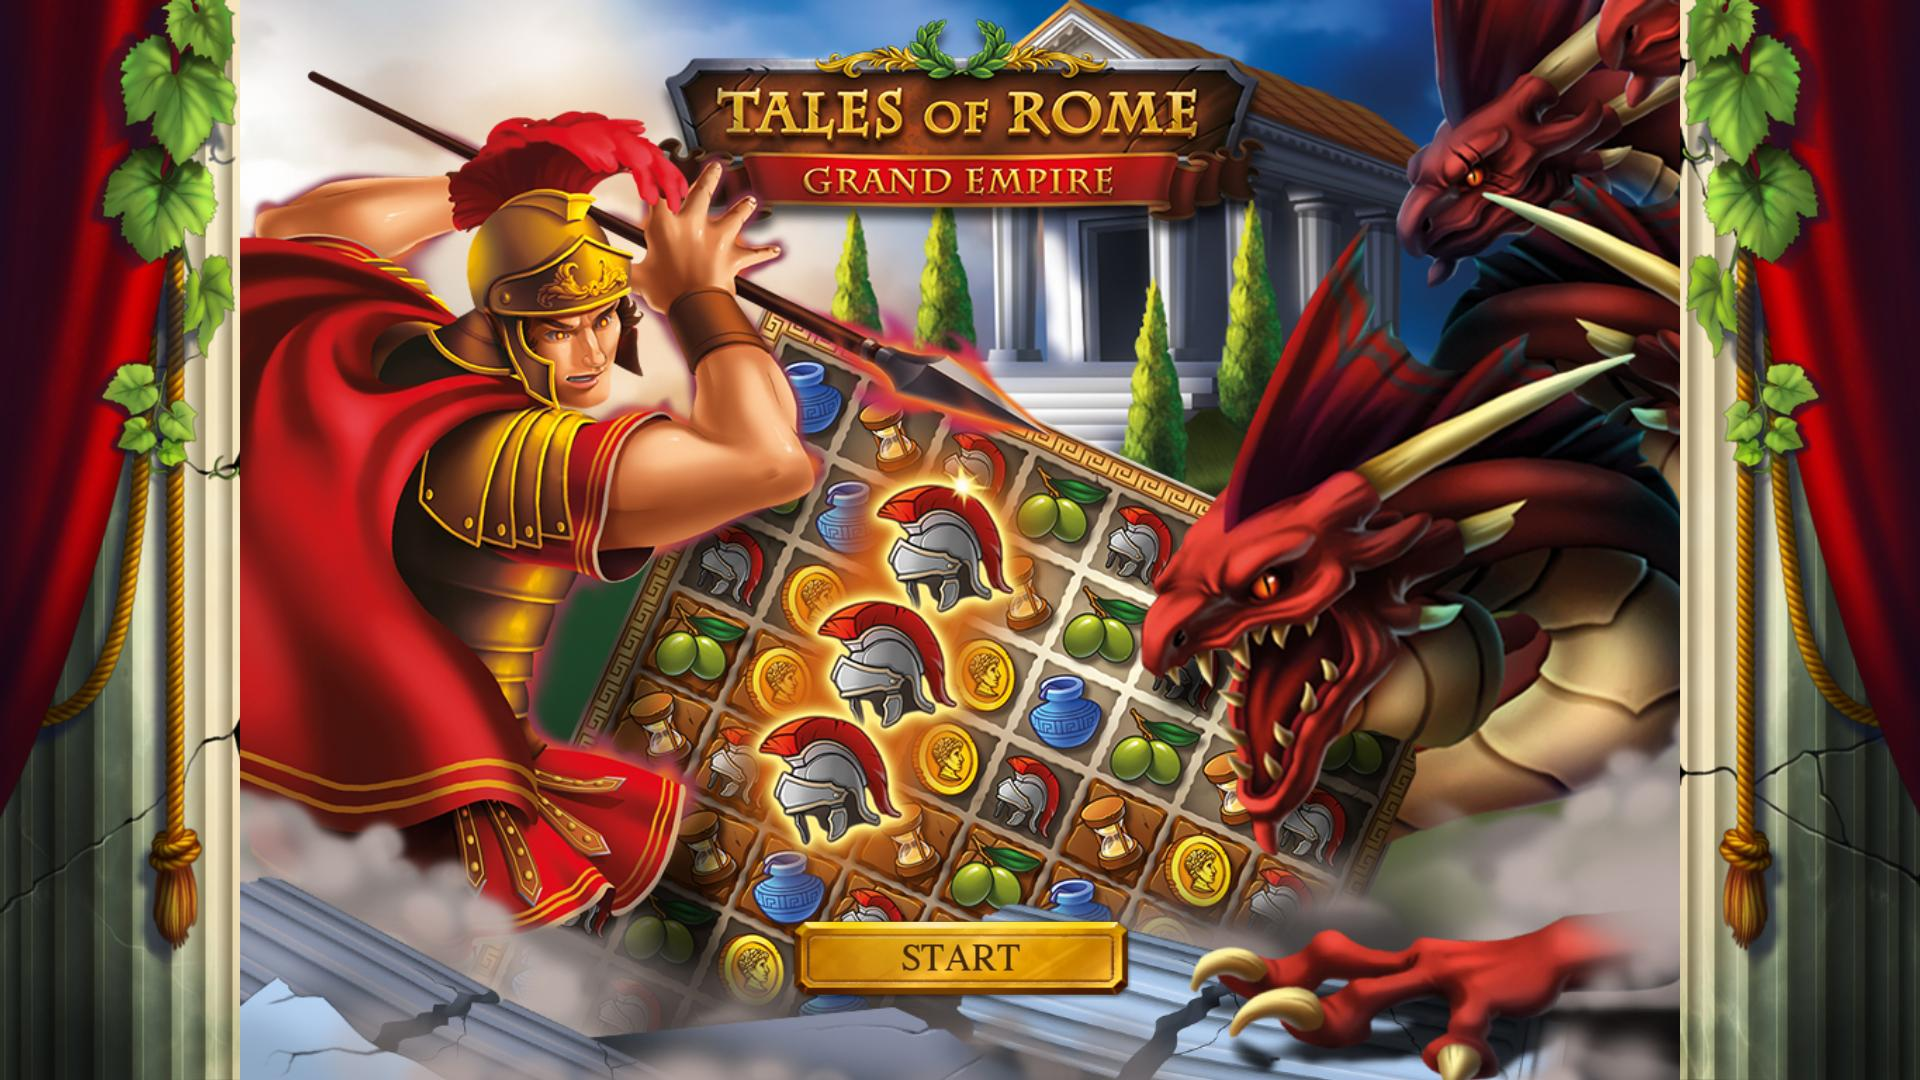 Сказания о Риме 2: Великая Империя | Tales of Rome 2: Grand Empire (En)